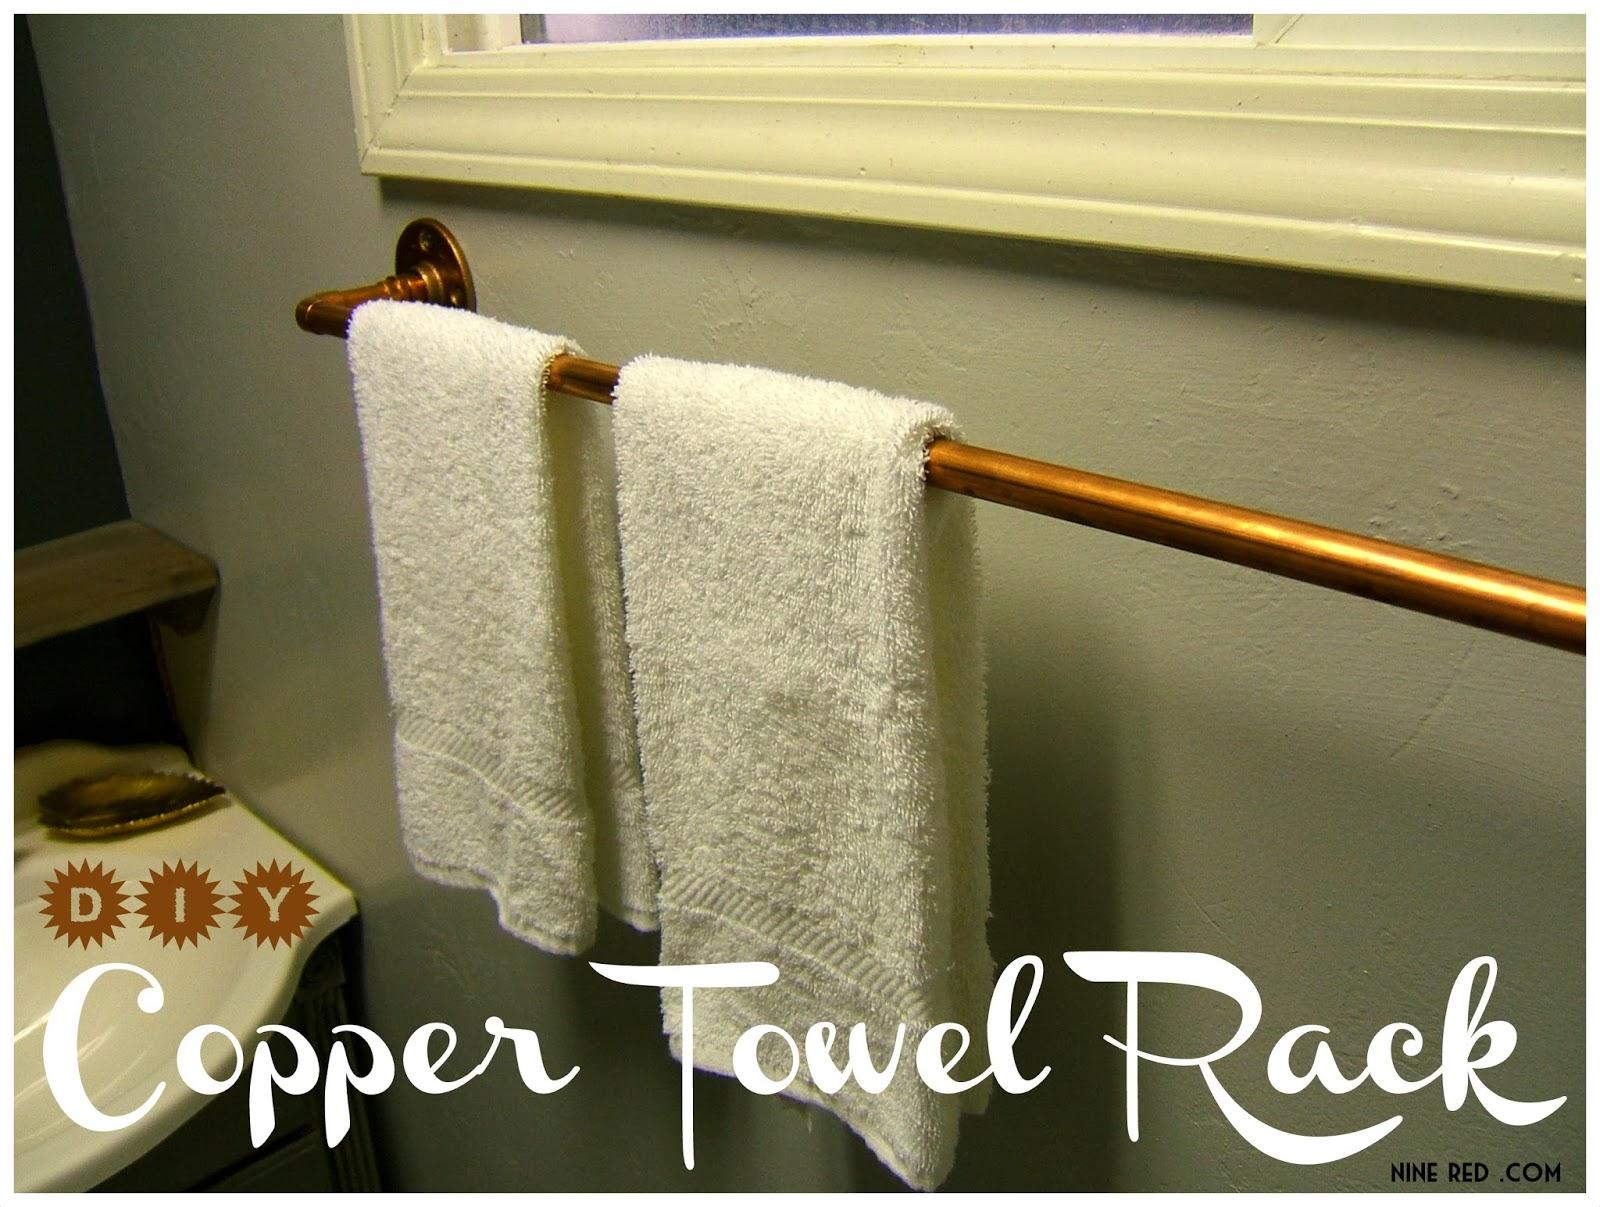 Nine Red Diy Copper Towel Rack